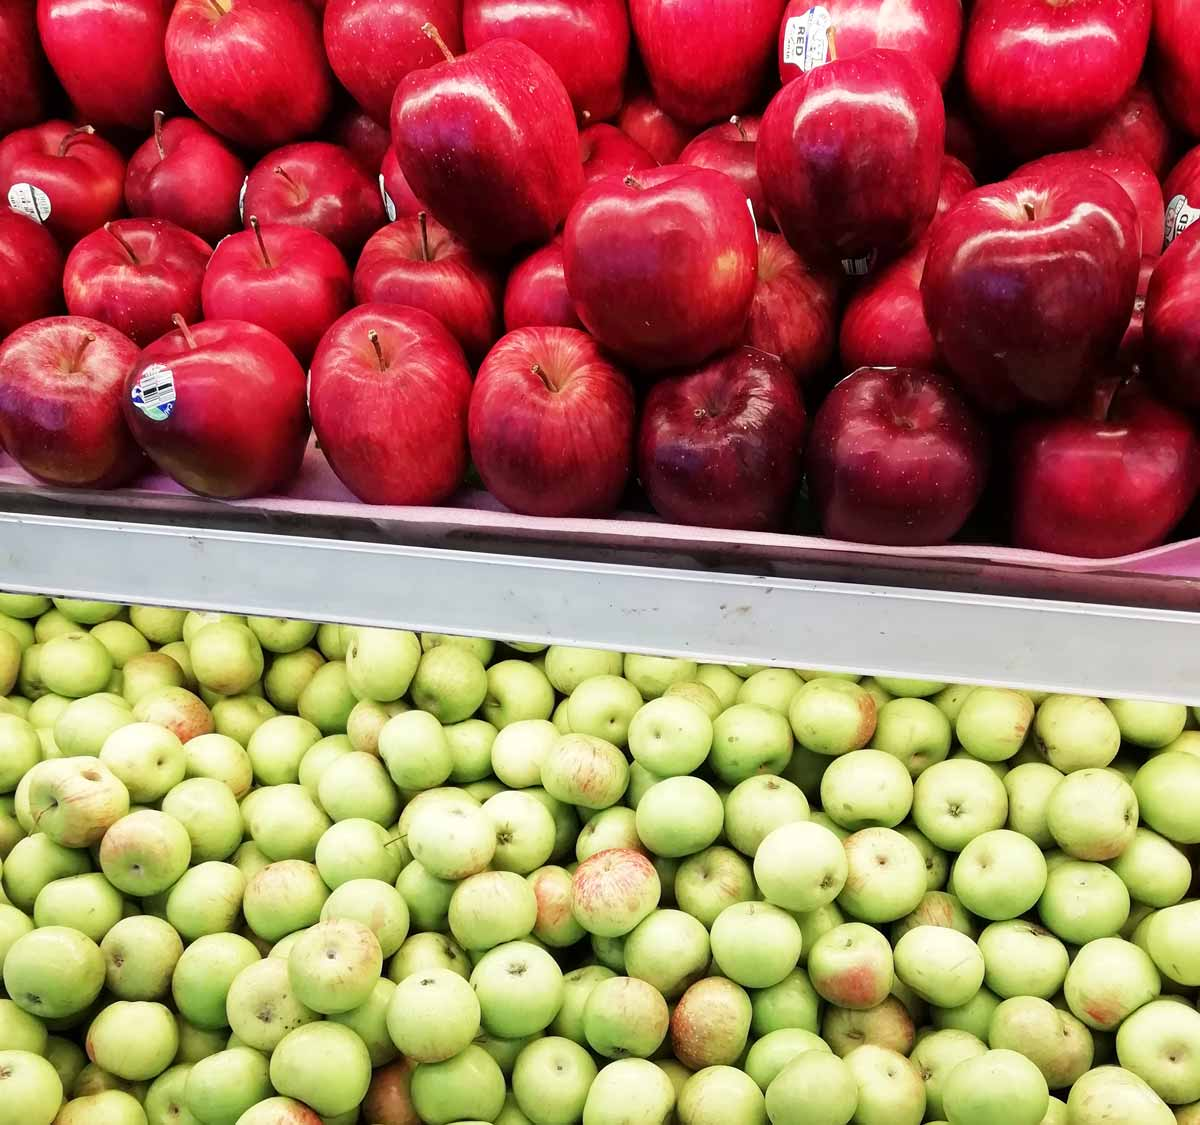 スーパーに並ぶ大量のりんご